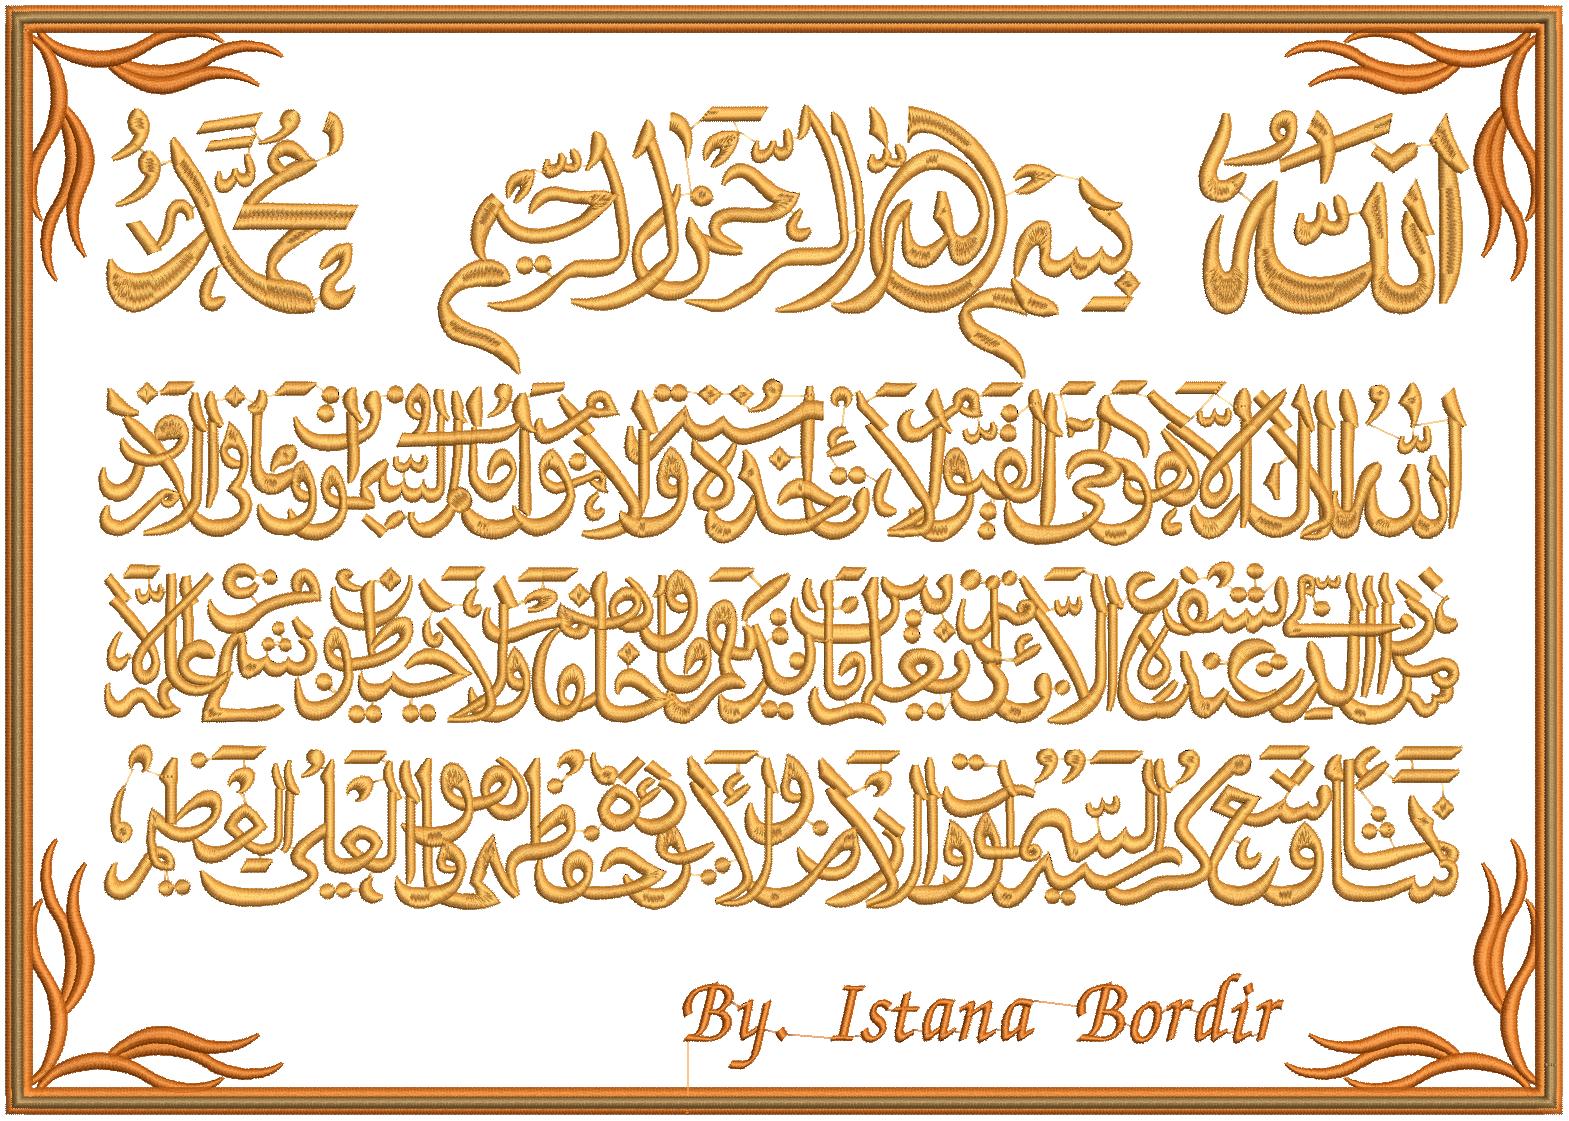 Kaligrafi Ayat Kursi Hd Nusagates